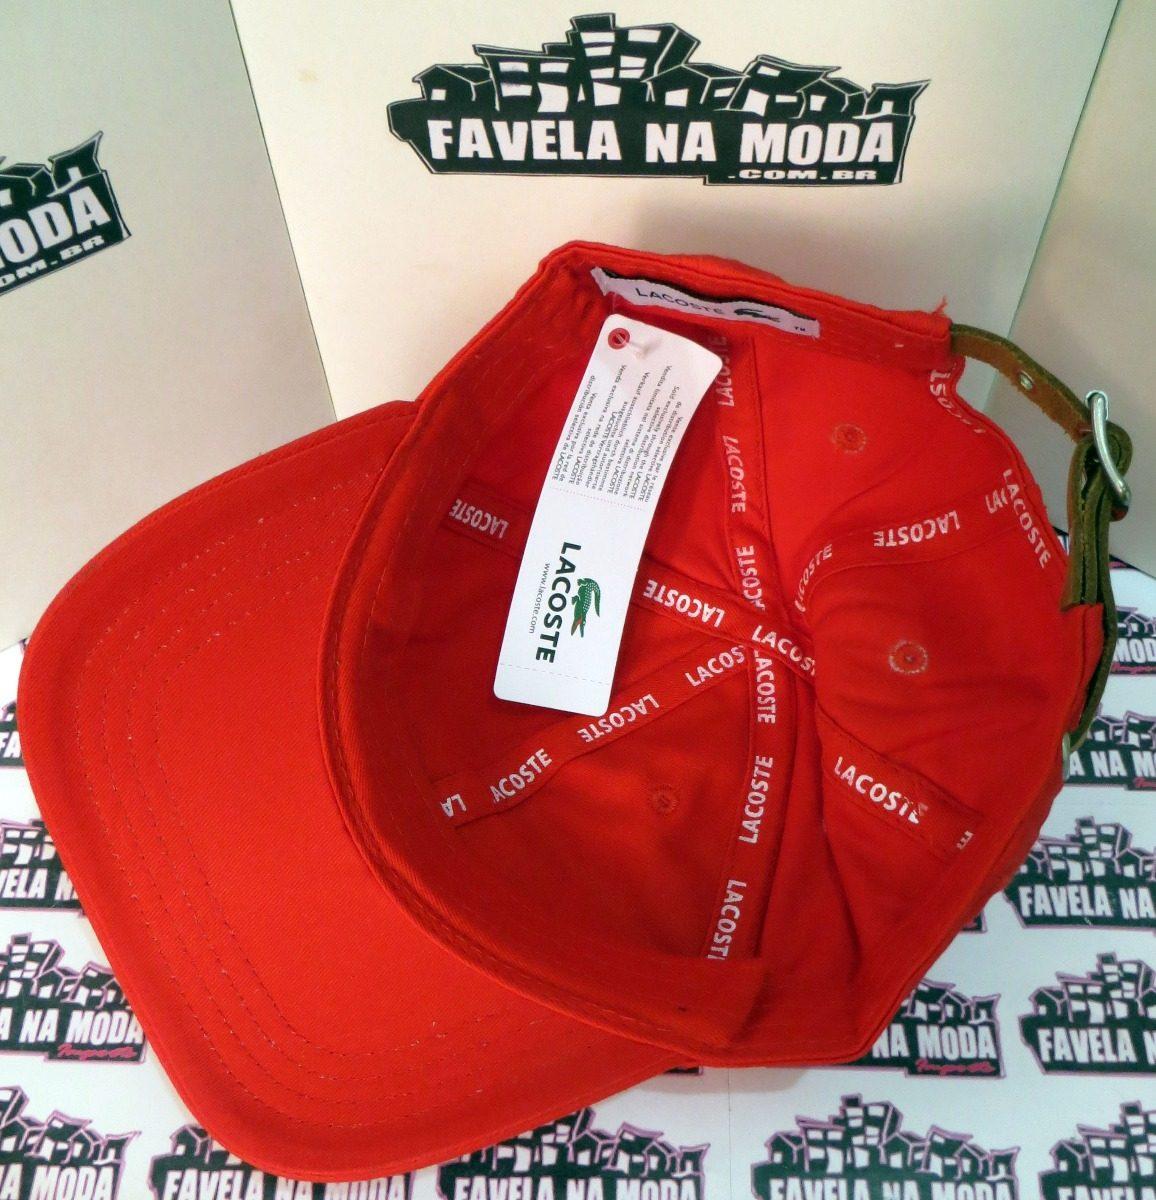 ... ba1fa06f725 boné lacoste big croc (vermelho) - fivela de couro + brinde. 9d54fcbb0dd